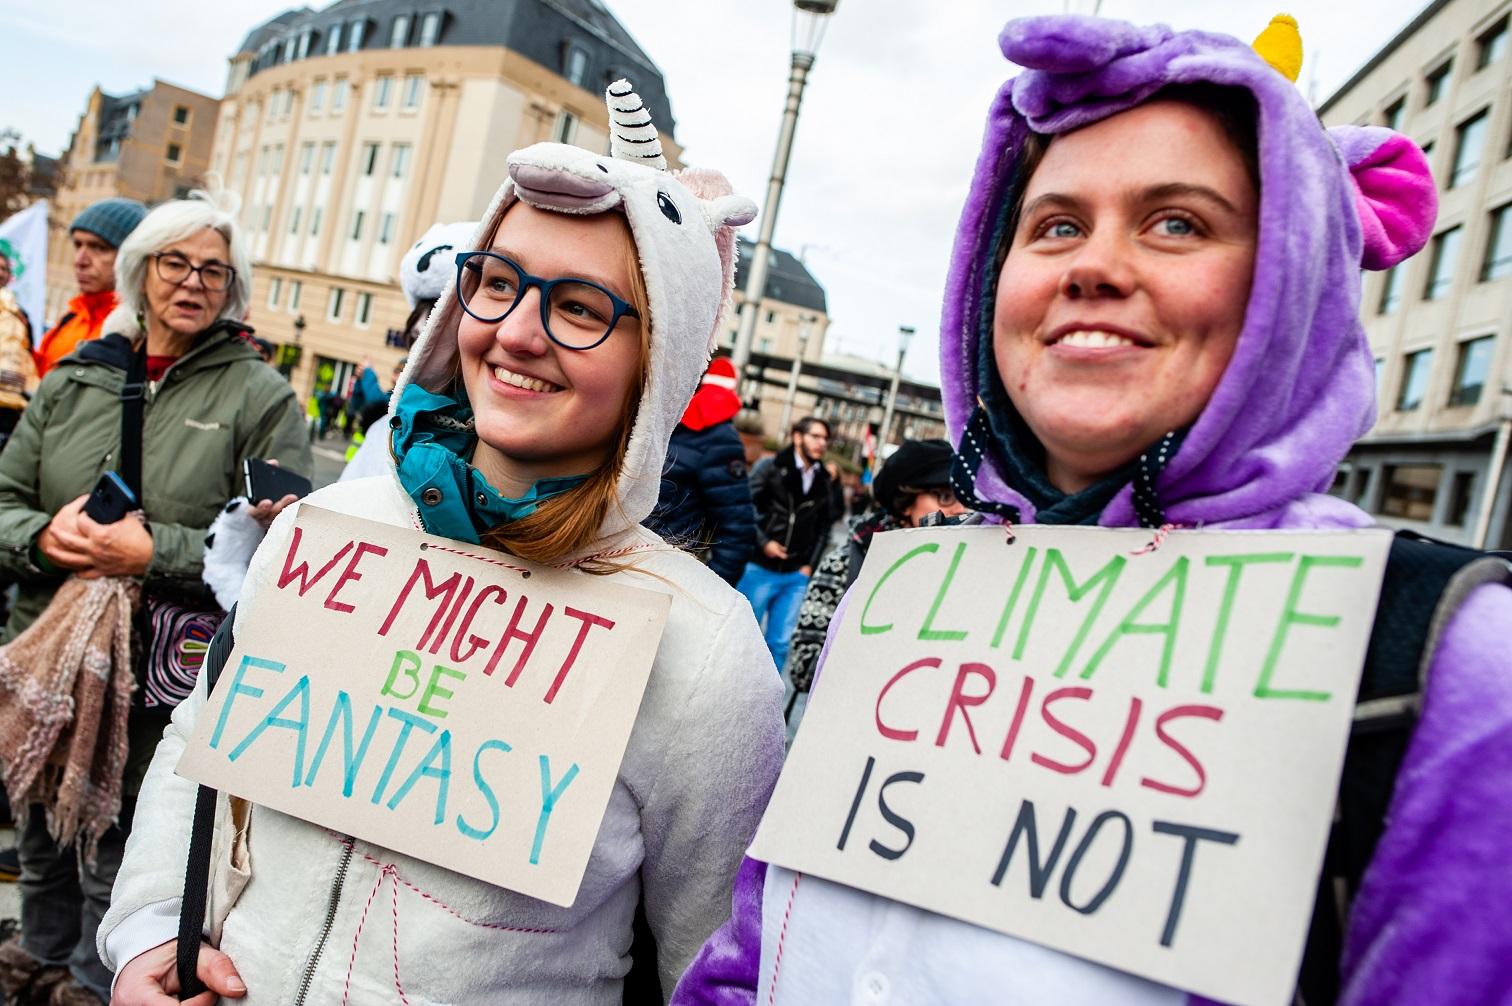 Em Bruxelas, duas manifestantes tentam explicar que a crise climática não é uma fantasia. Foto Arroyo Fernandez/NurPhoto